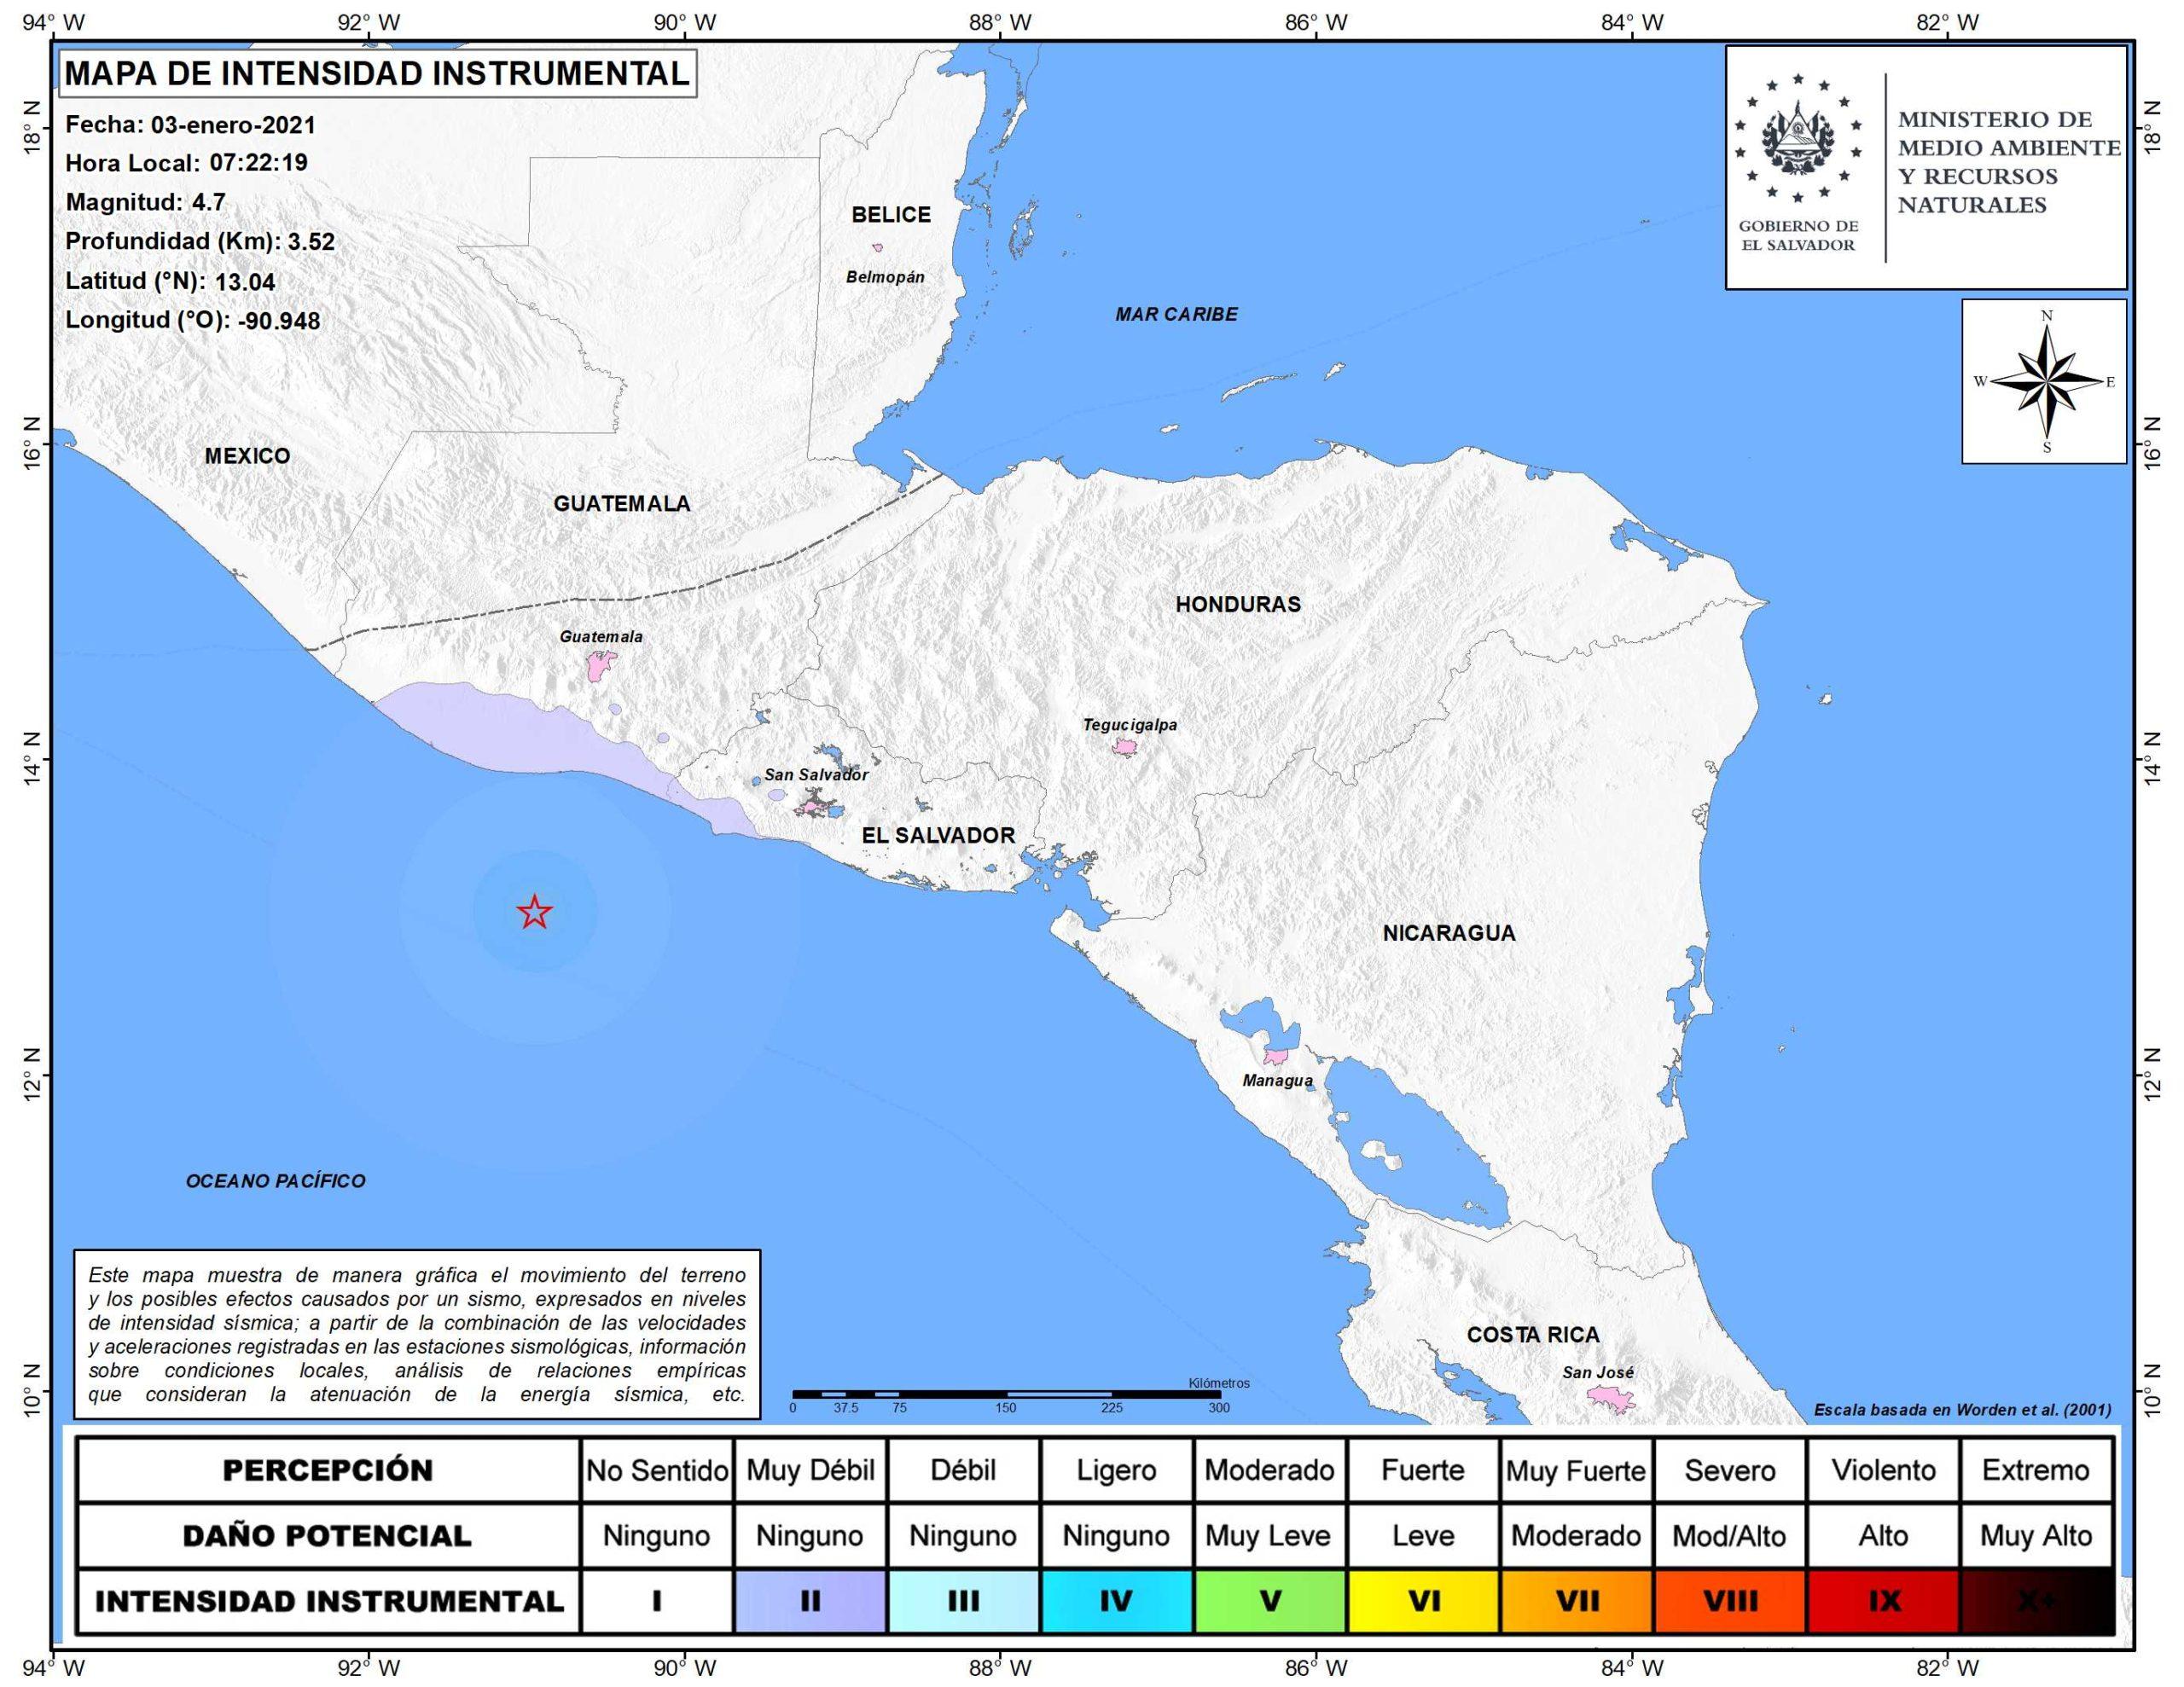 SISMO SACUDIÓ EL CENTRO DE GUATEMALA